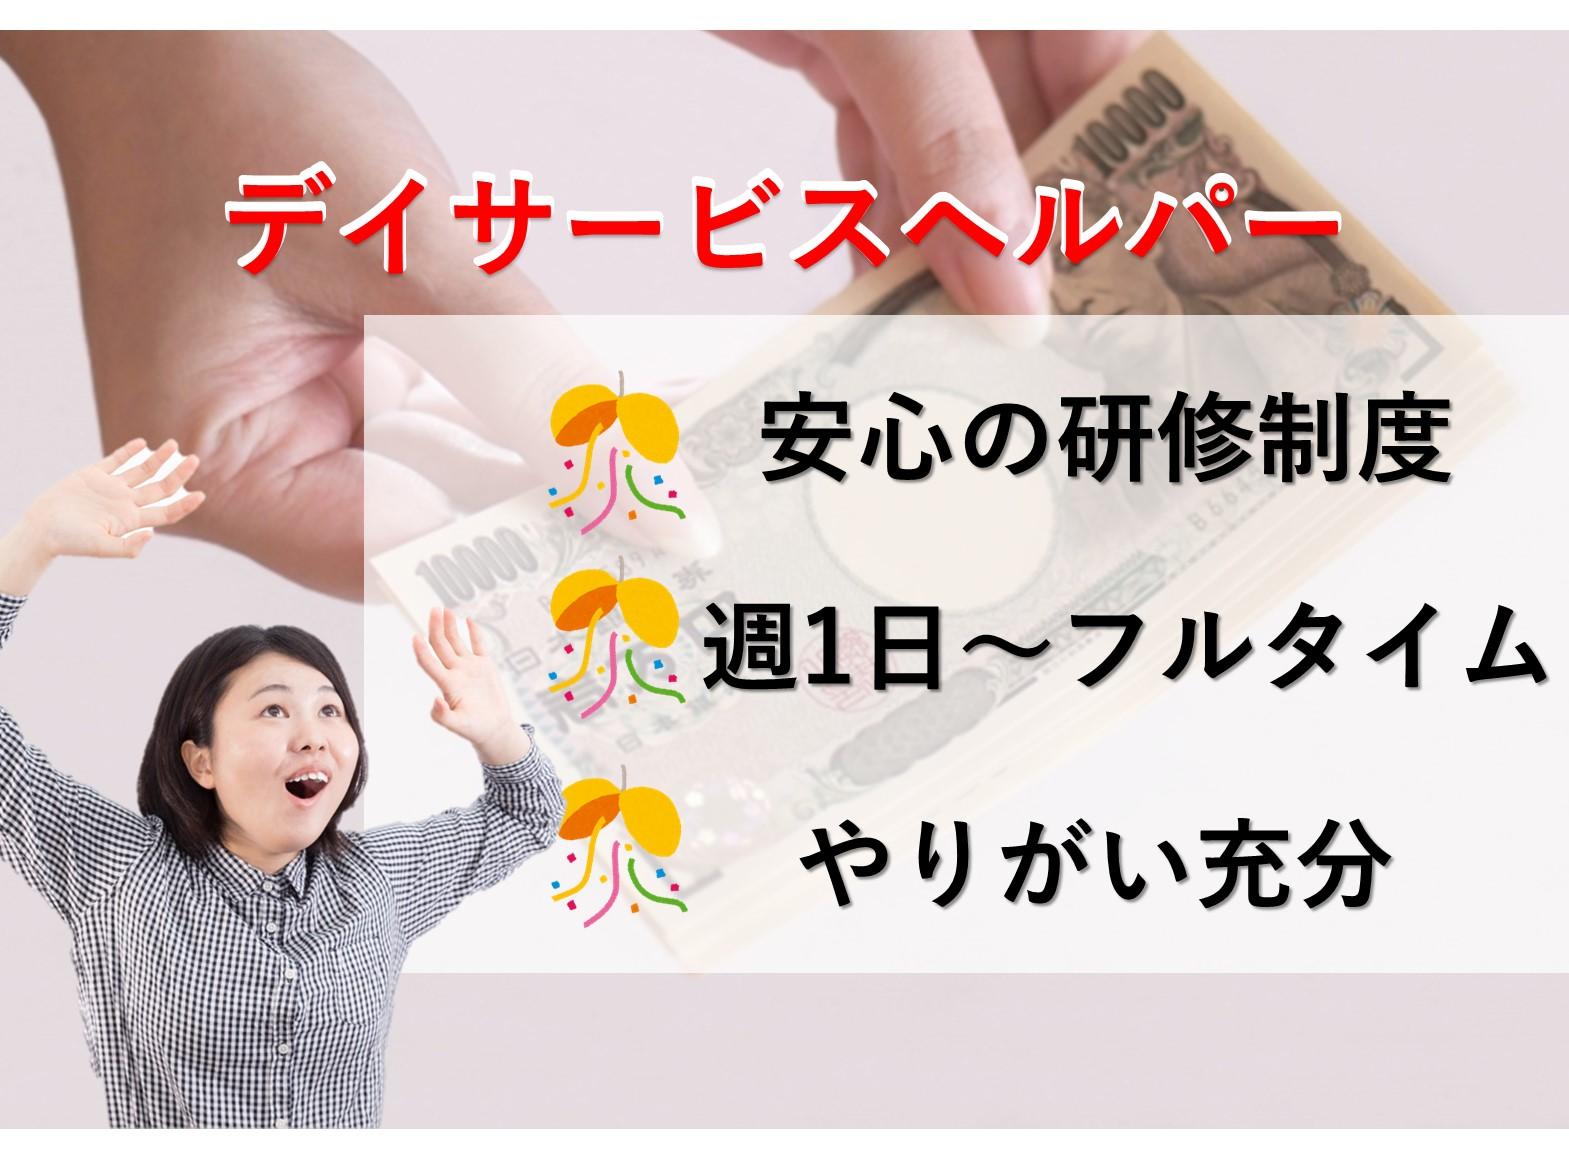 未経験OK!週1日~フルタイム勤務◎デイサービスヘルパー【パート】即面談可能 イメージ